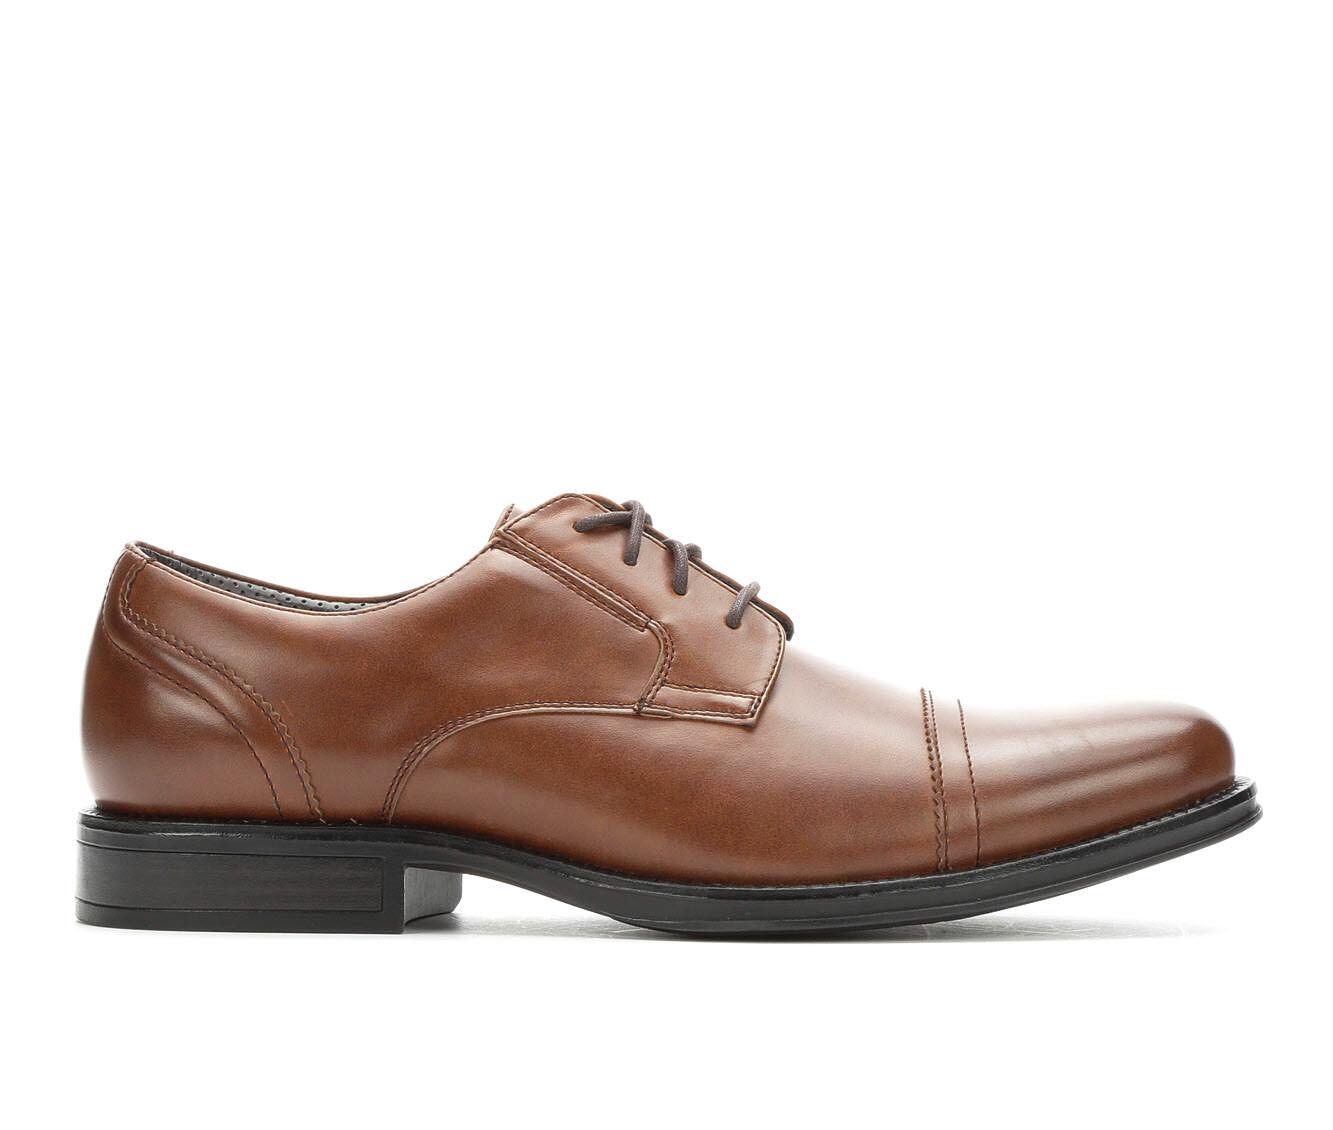 Men's Dockers Garfield Dress Shoes Tan